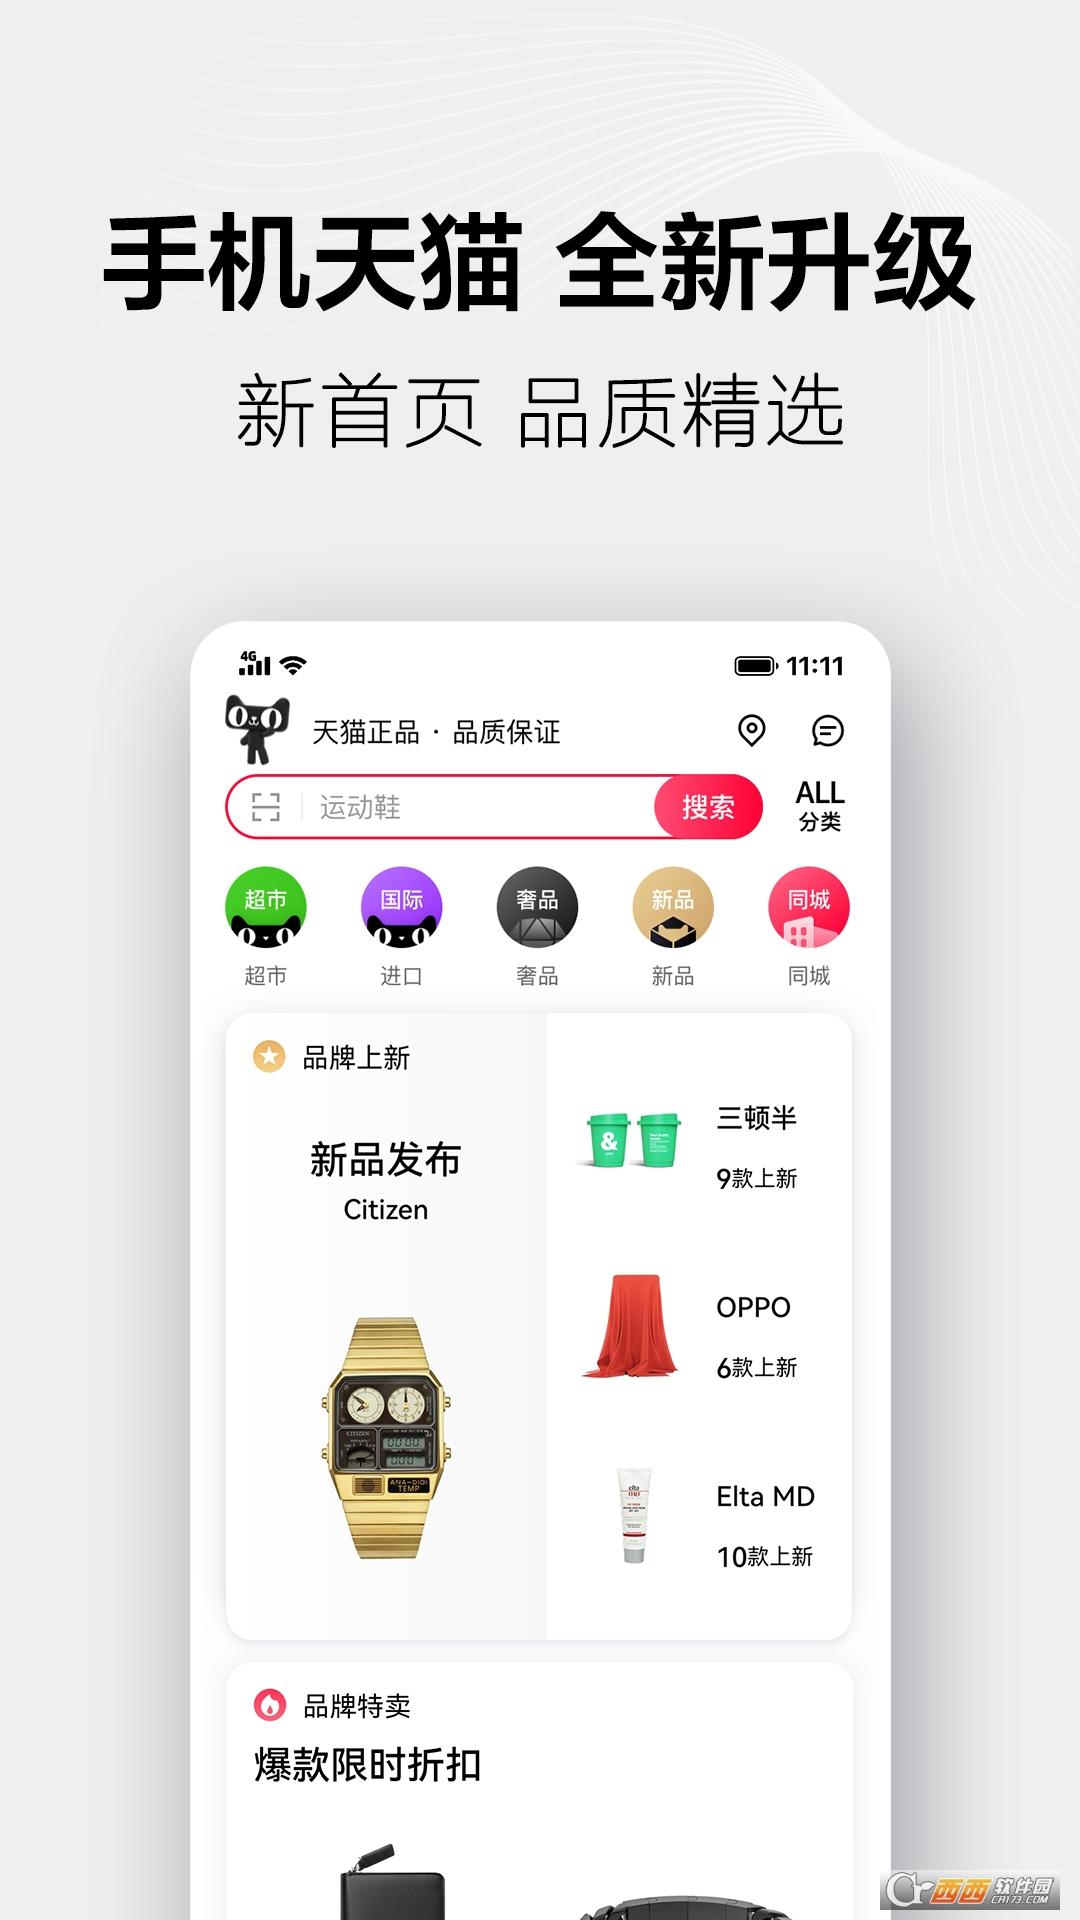 天猫商城 10.14.0 官方版